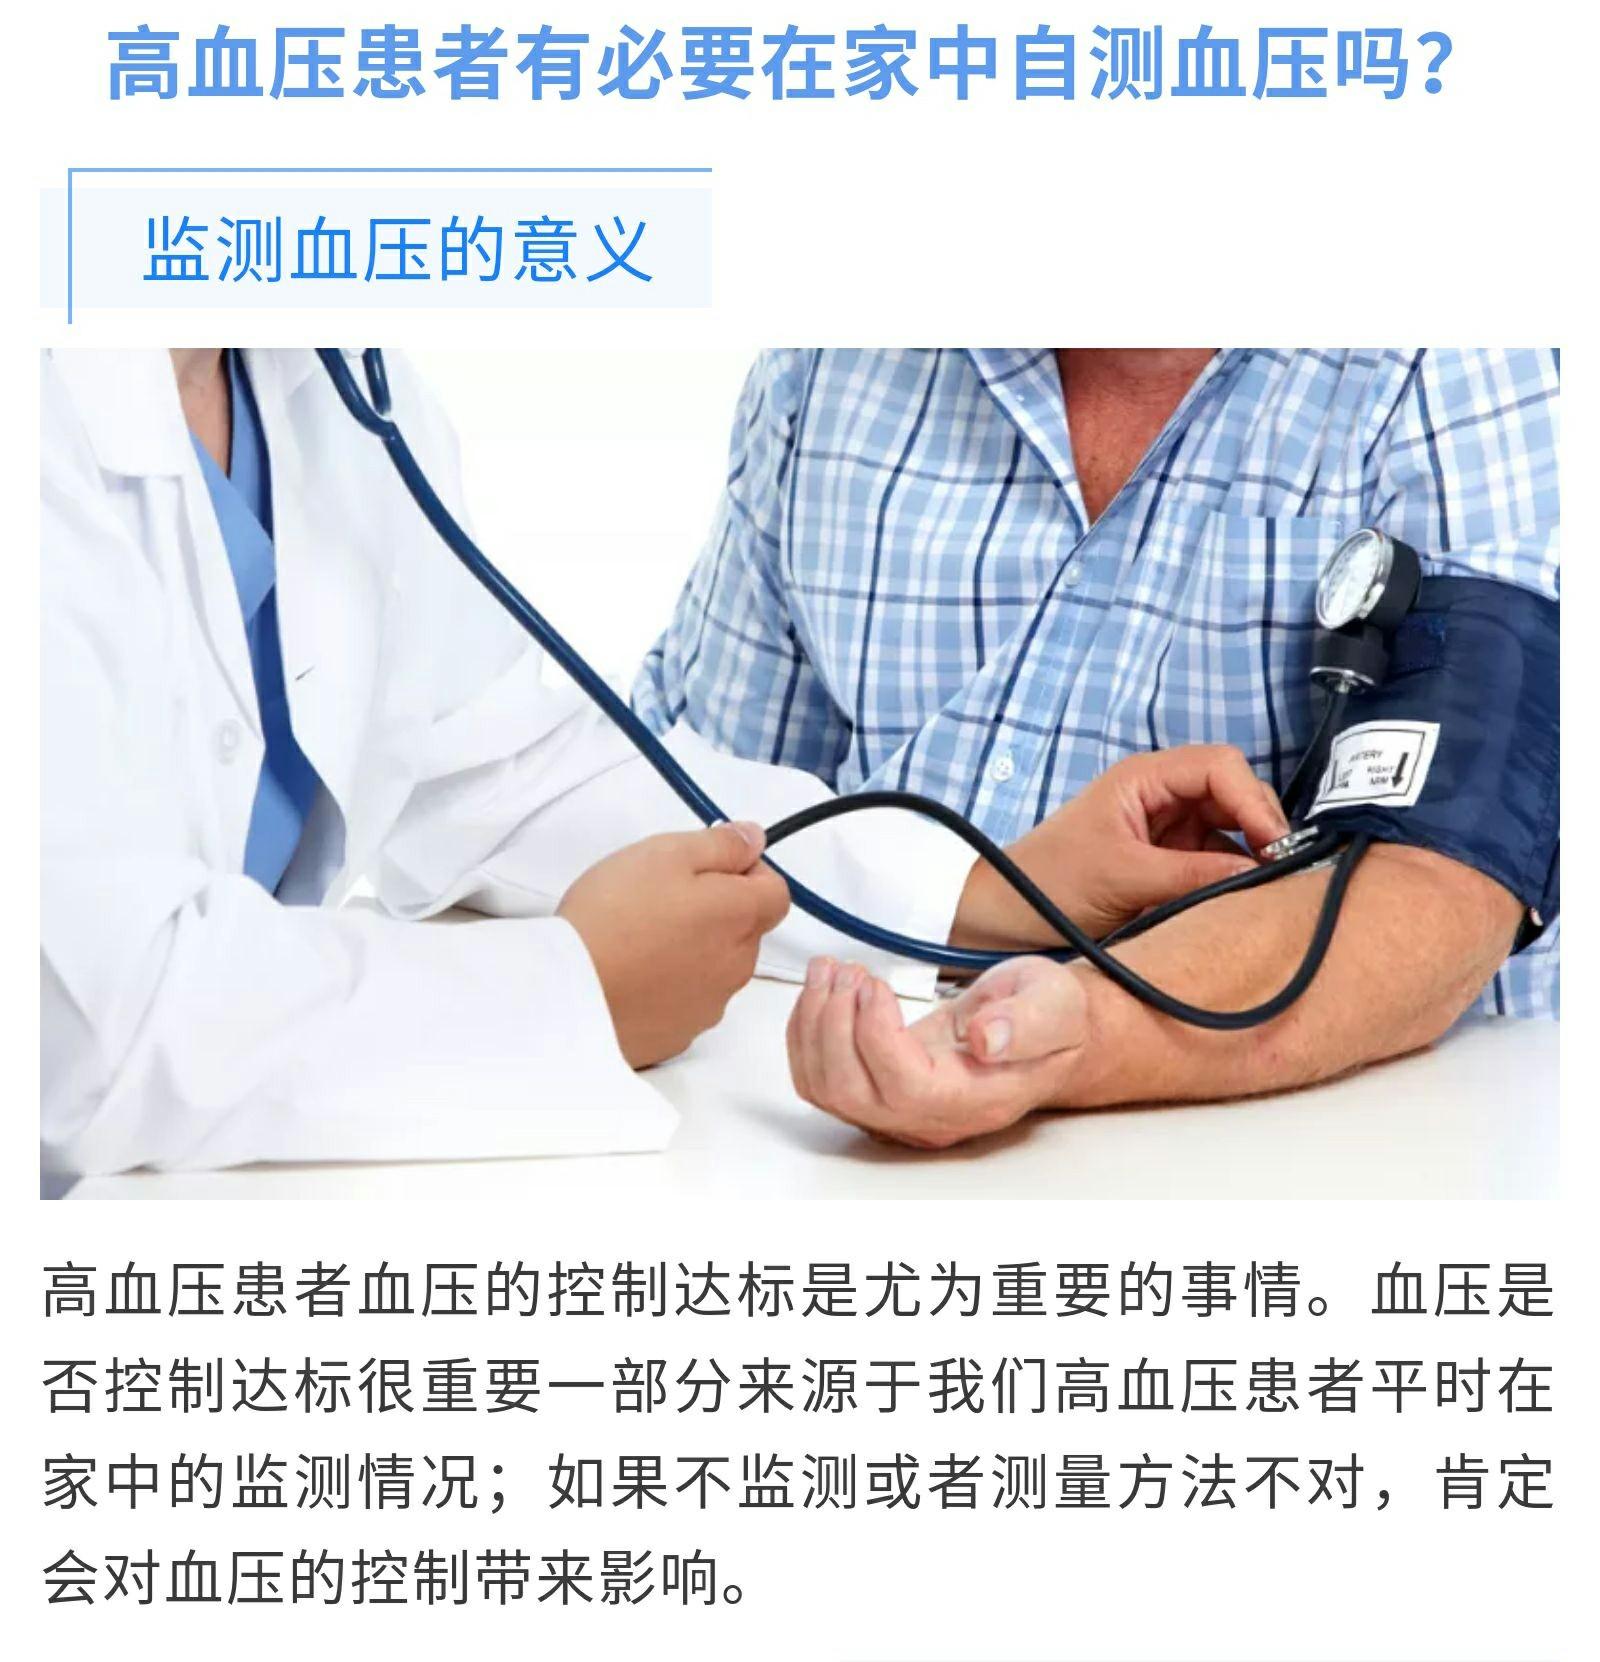 高血压患者有必要在家中自测血压吗?